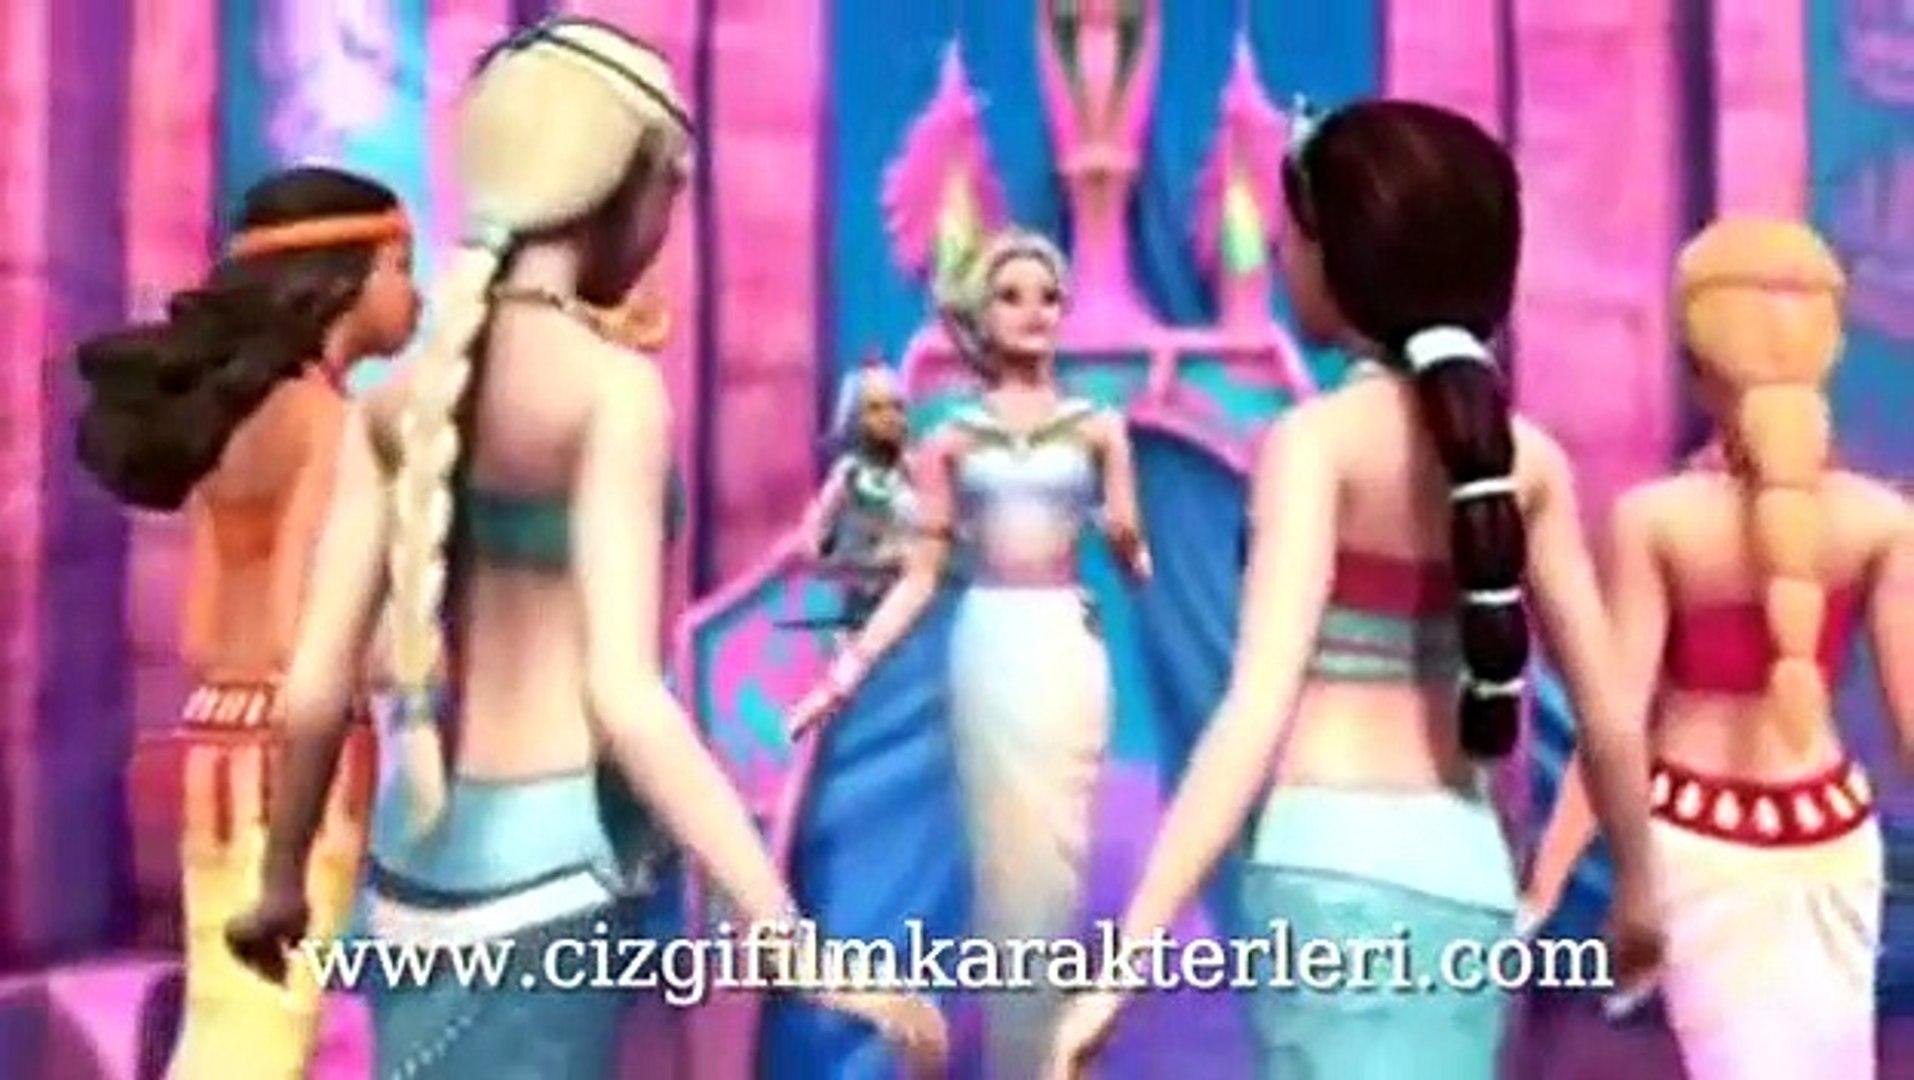 Barbie 7. bölüm izle - Barbie Denizkızı Hikayesi Çizgi Filmi İzle - Çizgi Film Karakterleri İzle_2